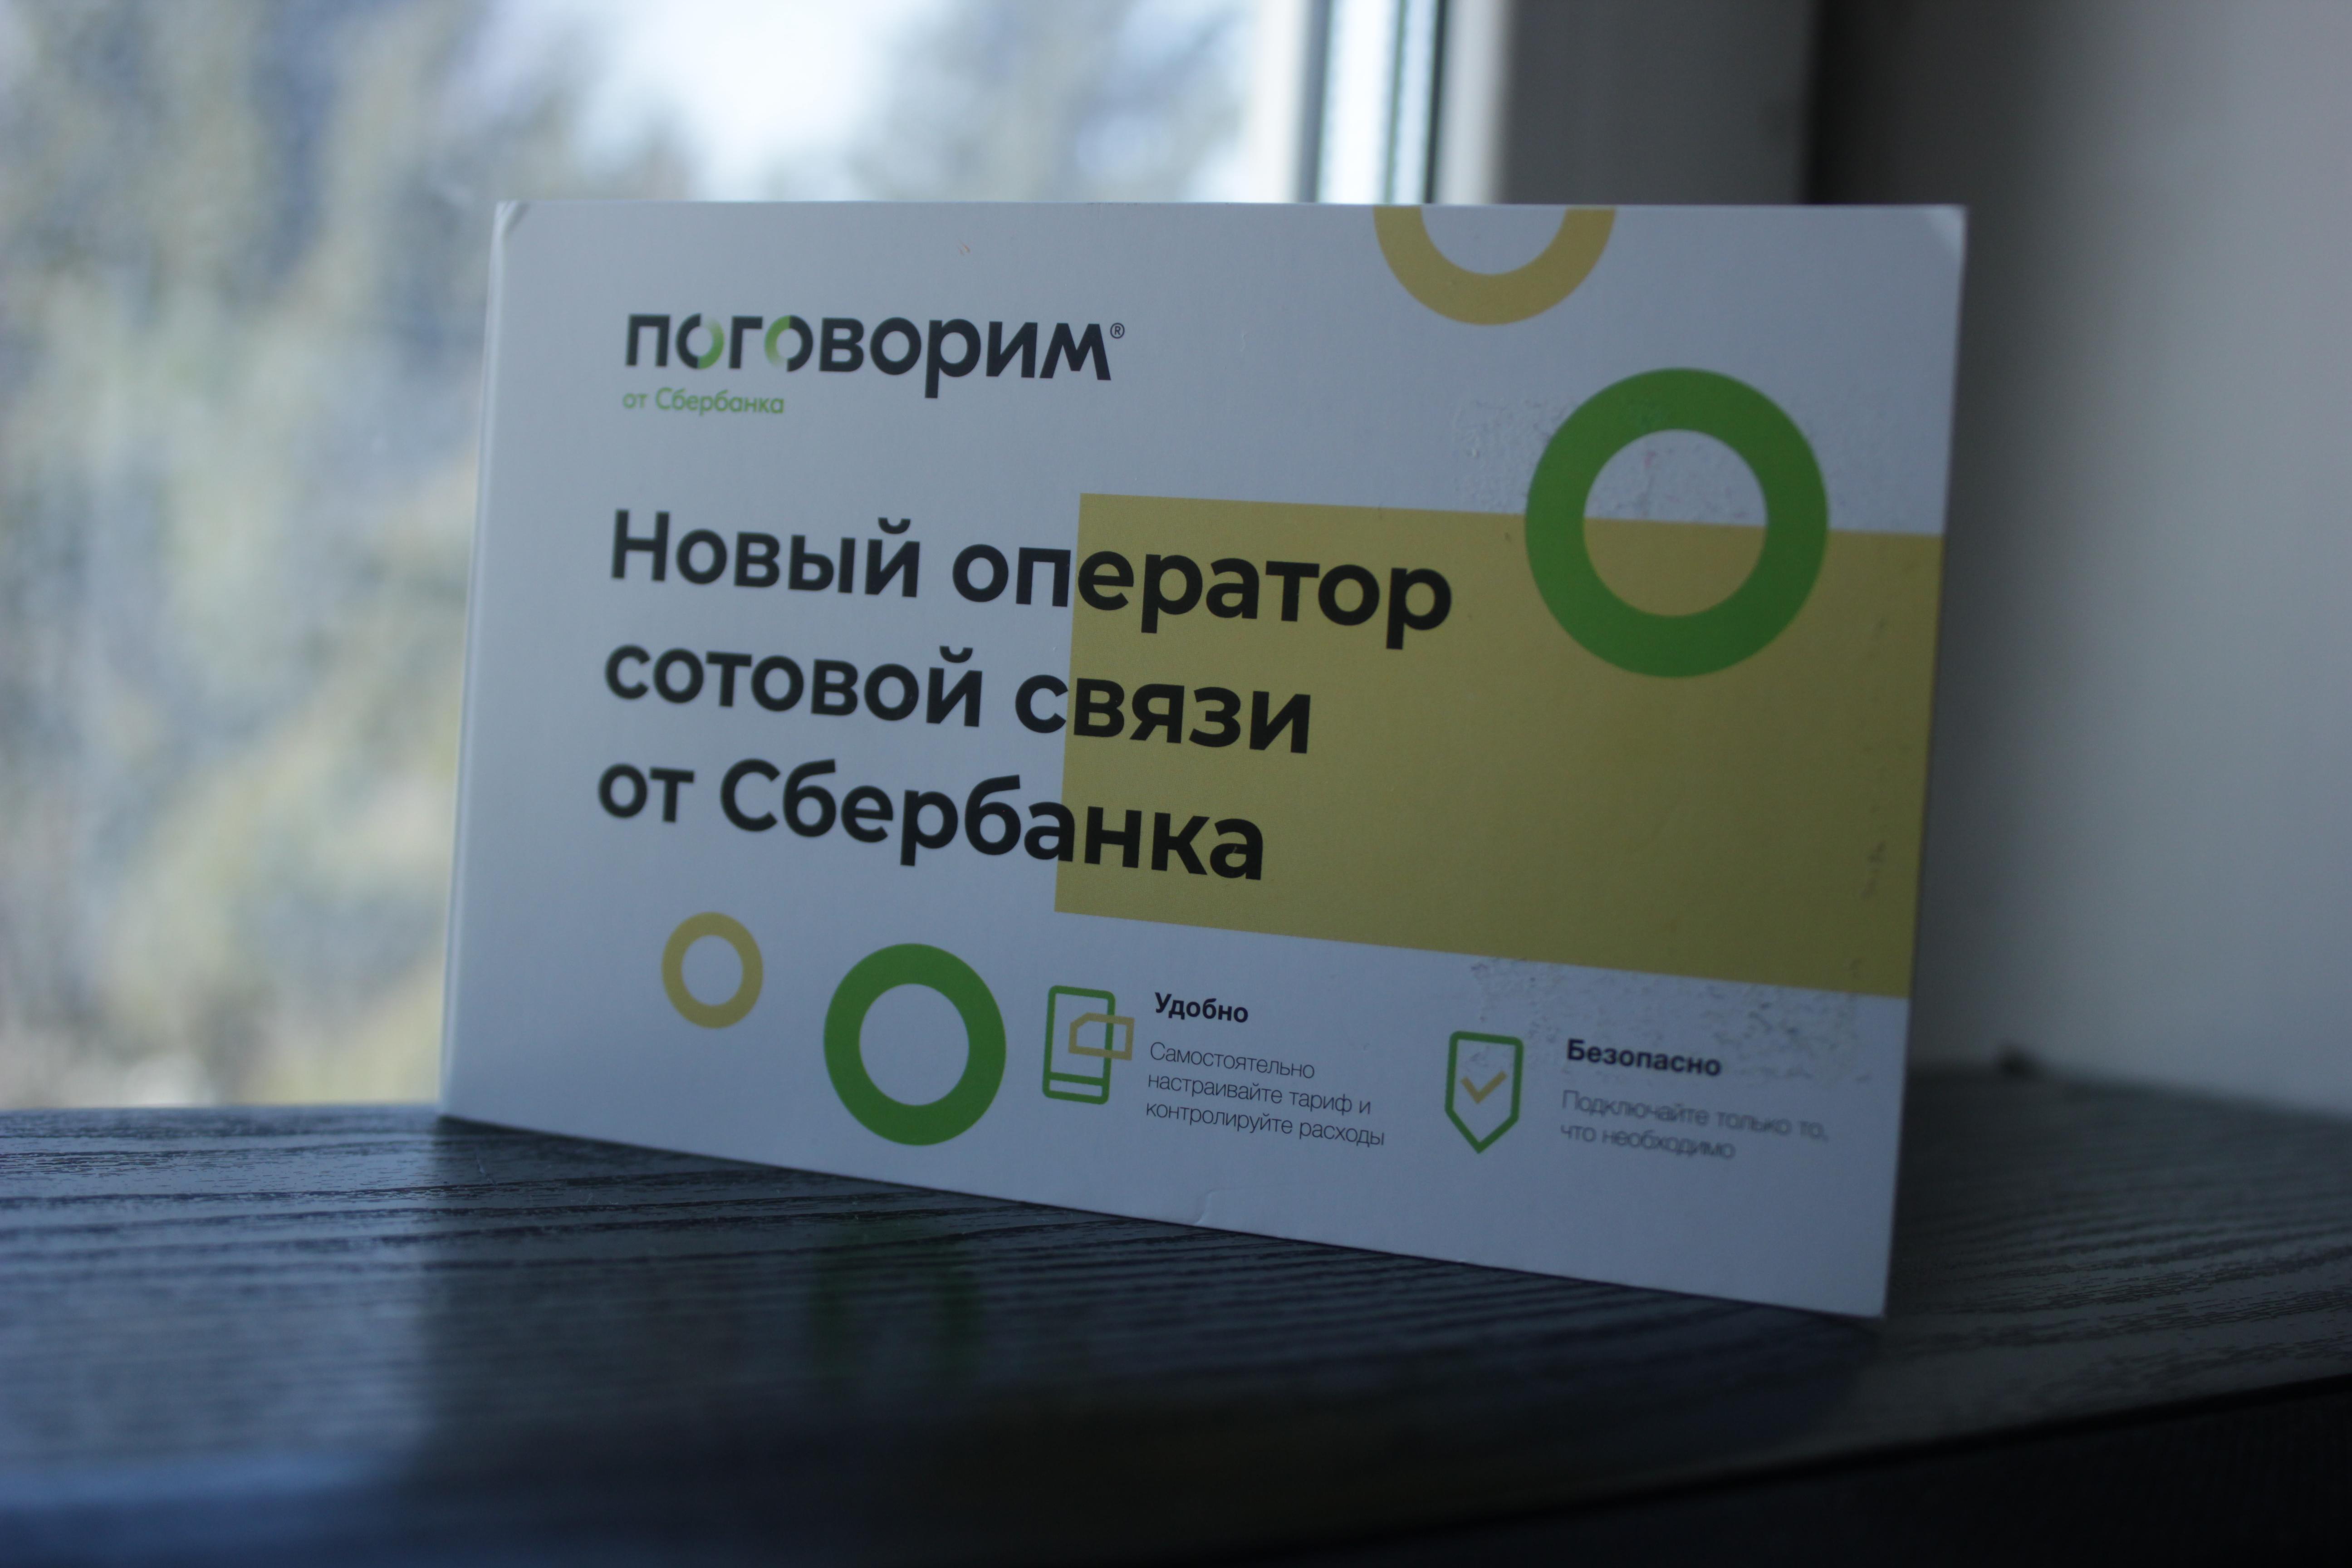 """Обзор промо- тарифа сотового оператора """"Поговорим"""" от Сбербанка Телеком."""